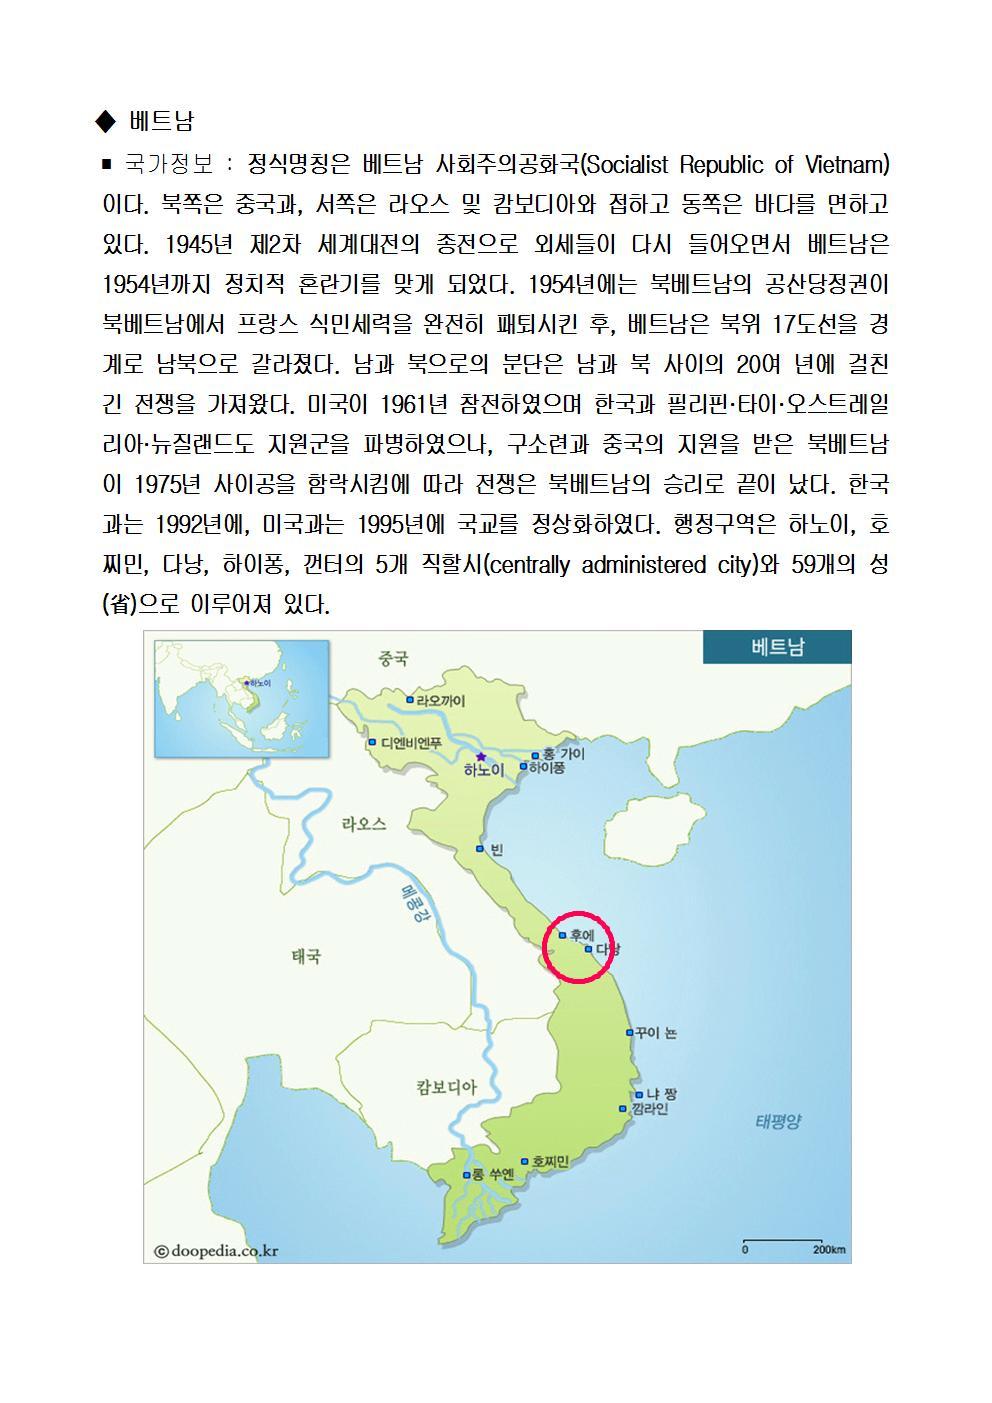 해외봉사활동 계획008.jpg